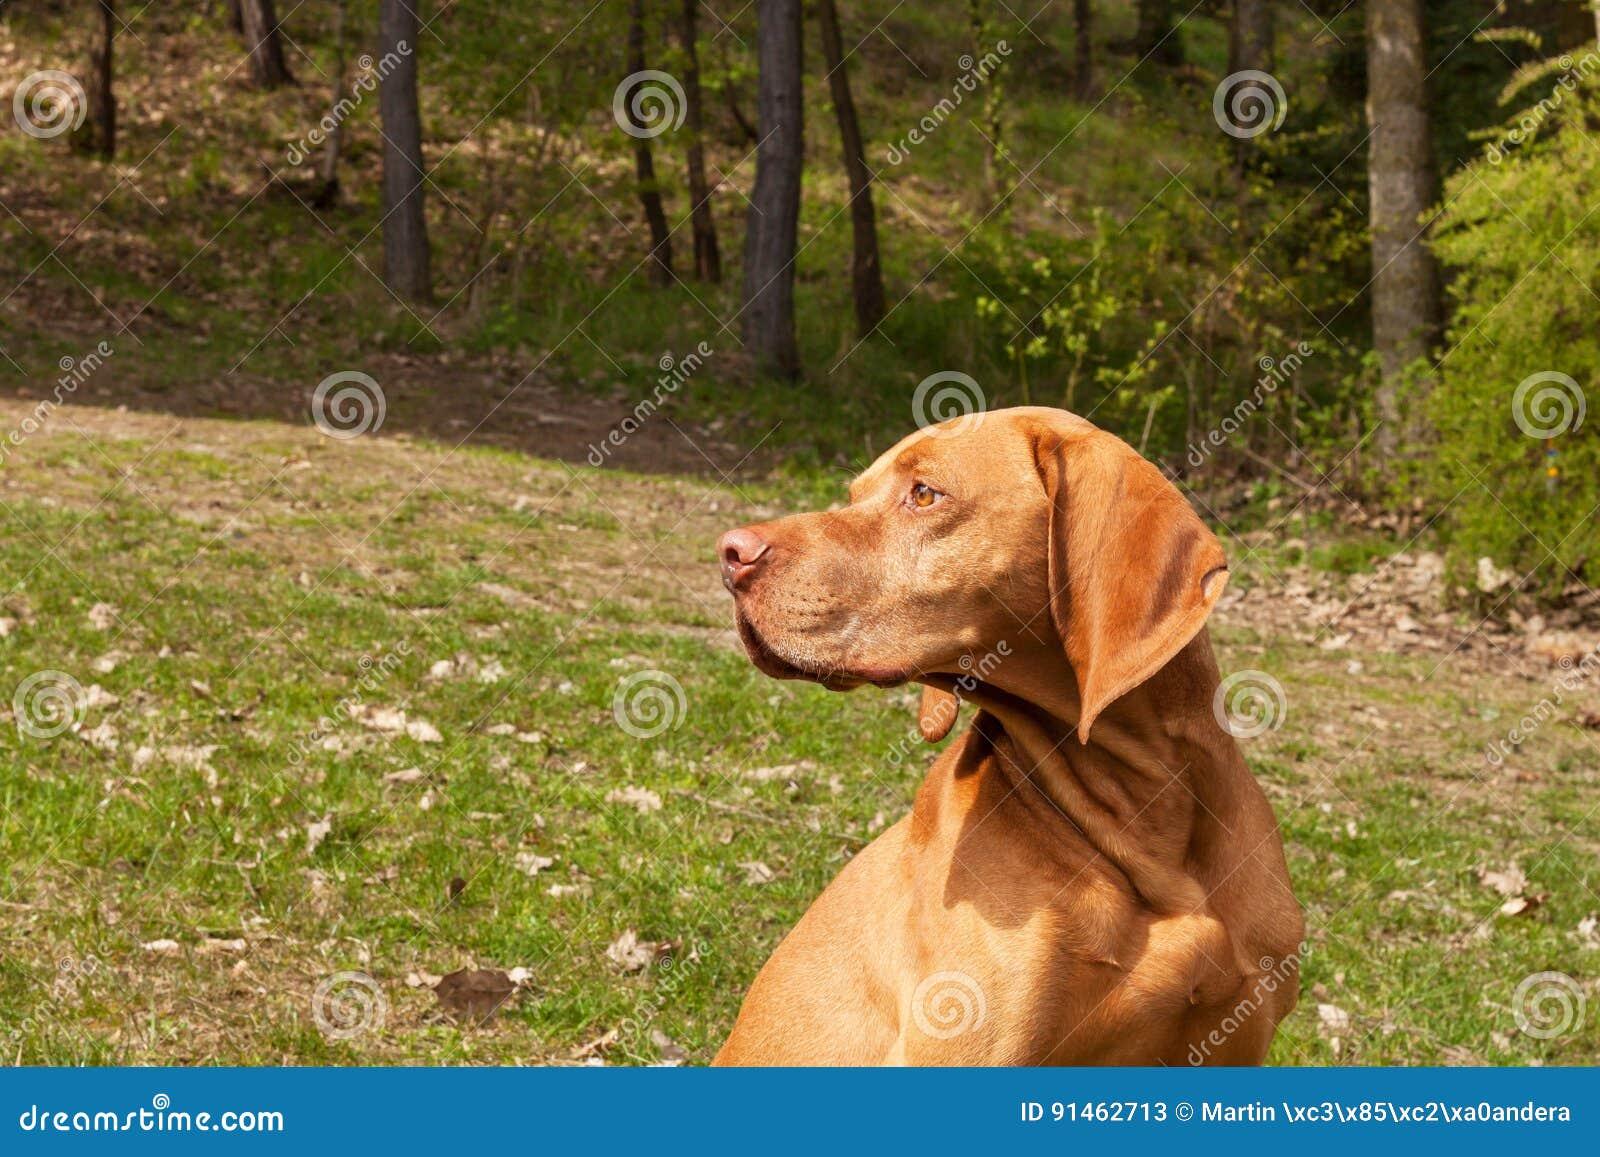 Węgierski pointer Vizsla, obwąchuje na polowaniu Jest prześladowanym lojalnego przyjaciela myśliwy Szczegół psia głowa